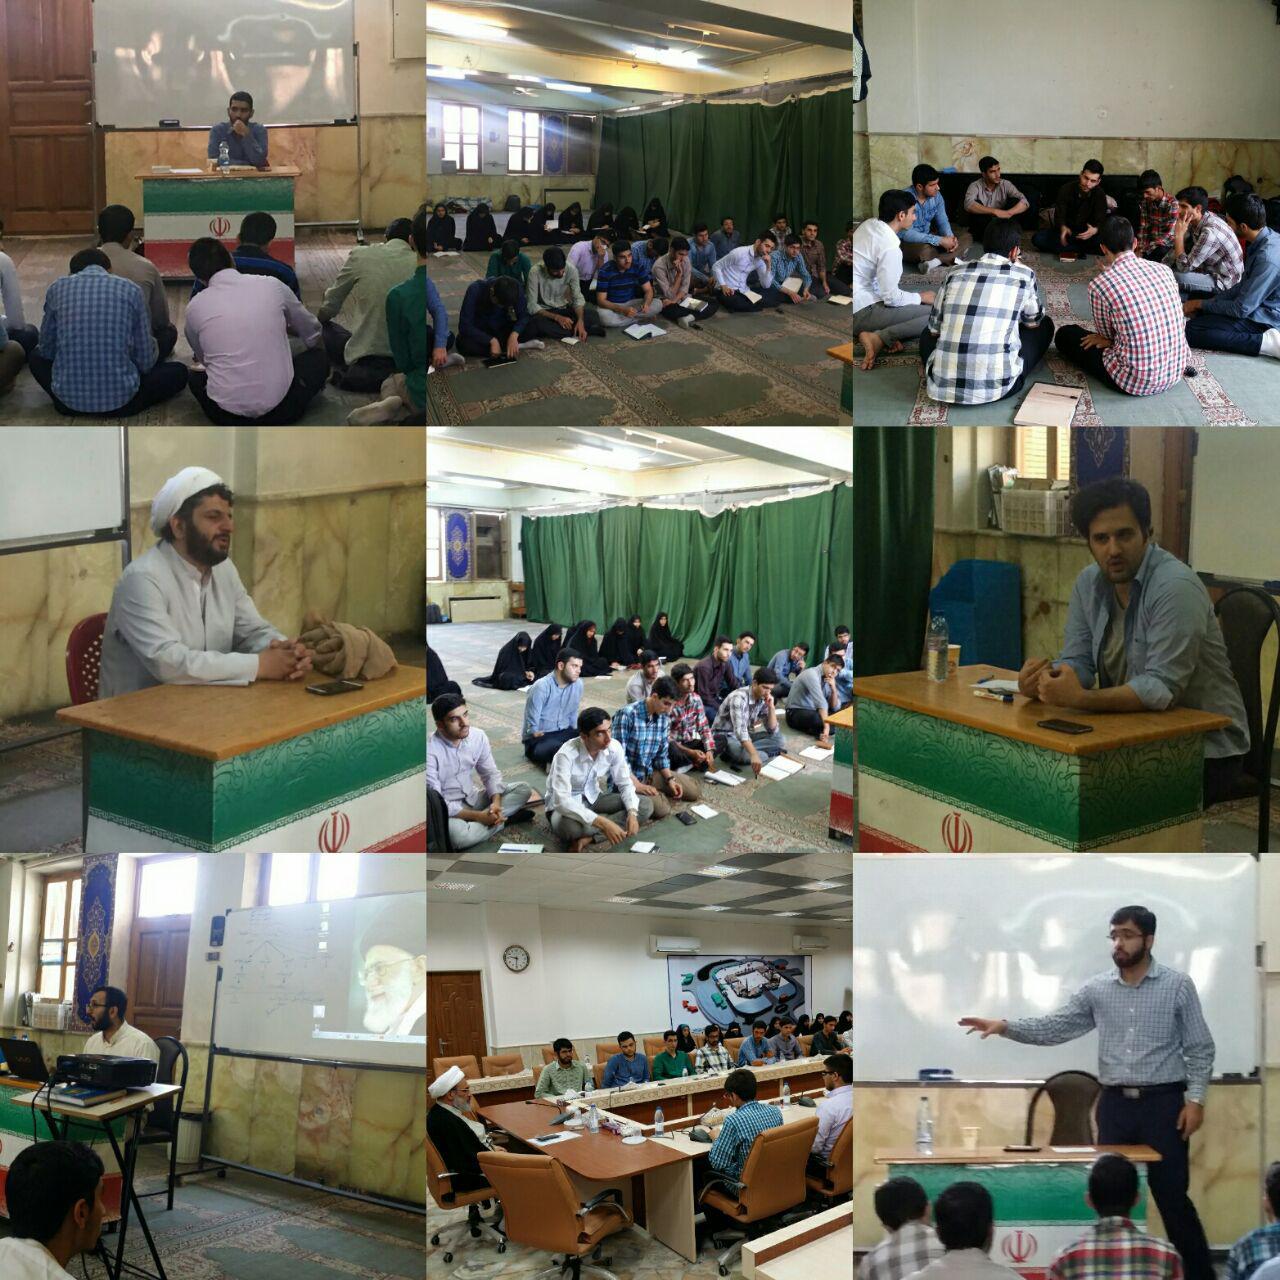 اردوی آموزشی تشکیلاتی «نگاه نو» برگزار شد